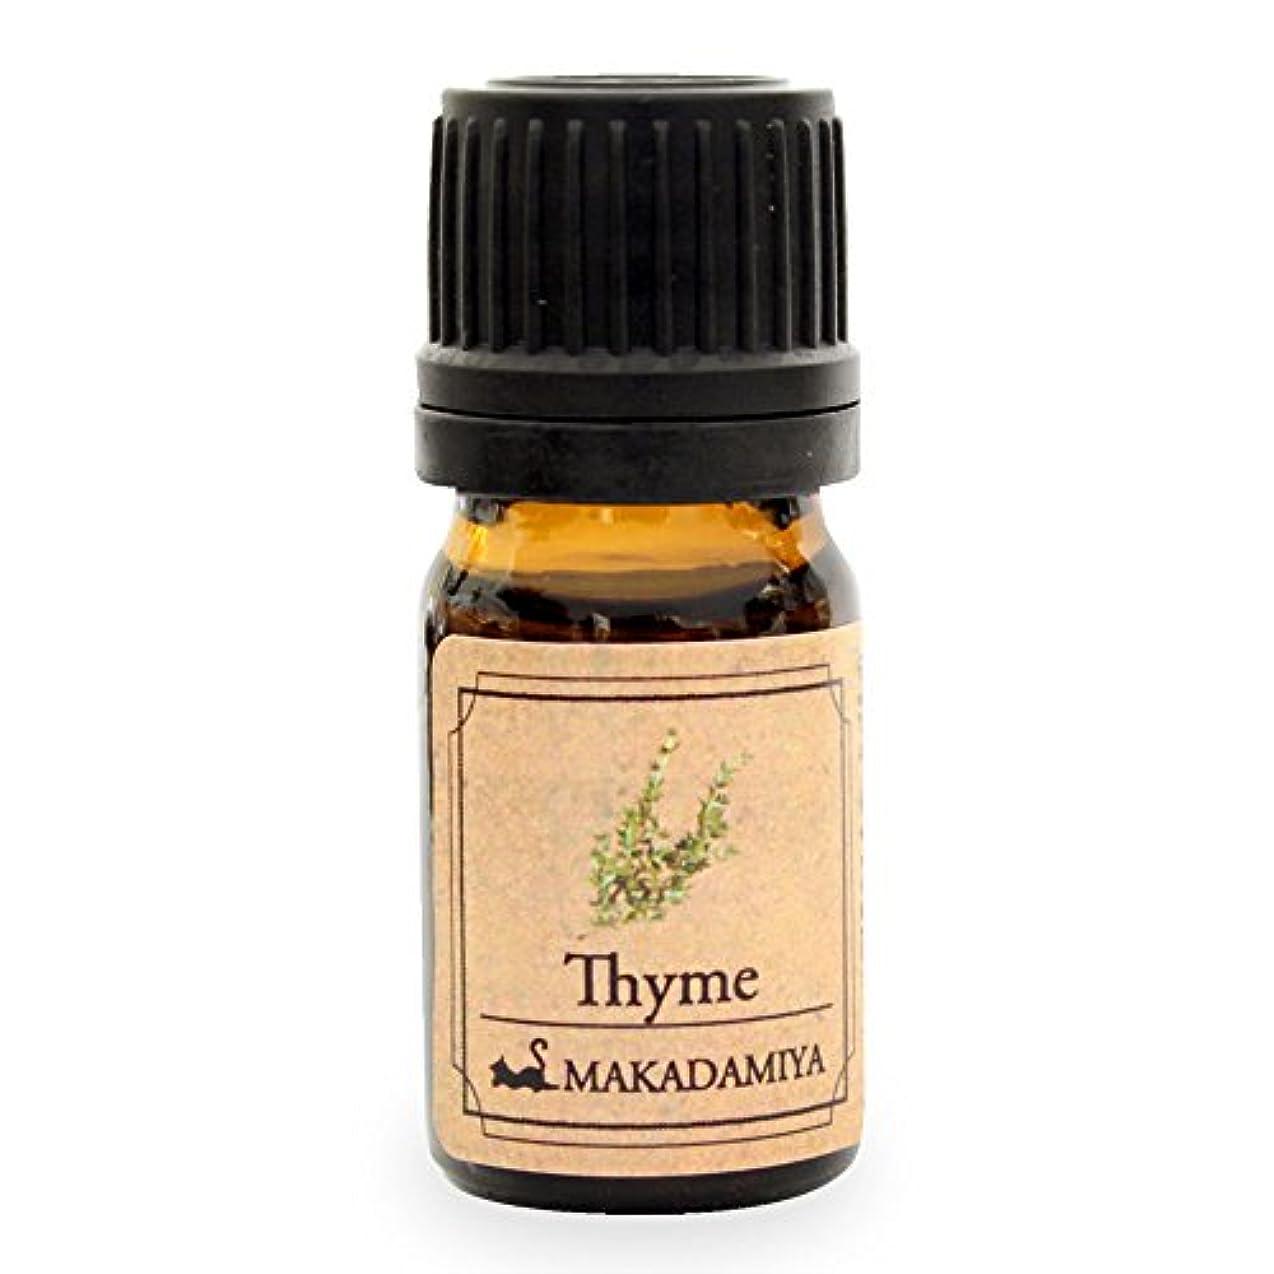 株式会社ワンダーバックグラウンドタイム5ml 天然100%植物性 エッセンシャルオイル(精油) アロマオイル aroma Thyme